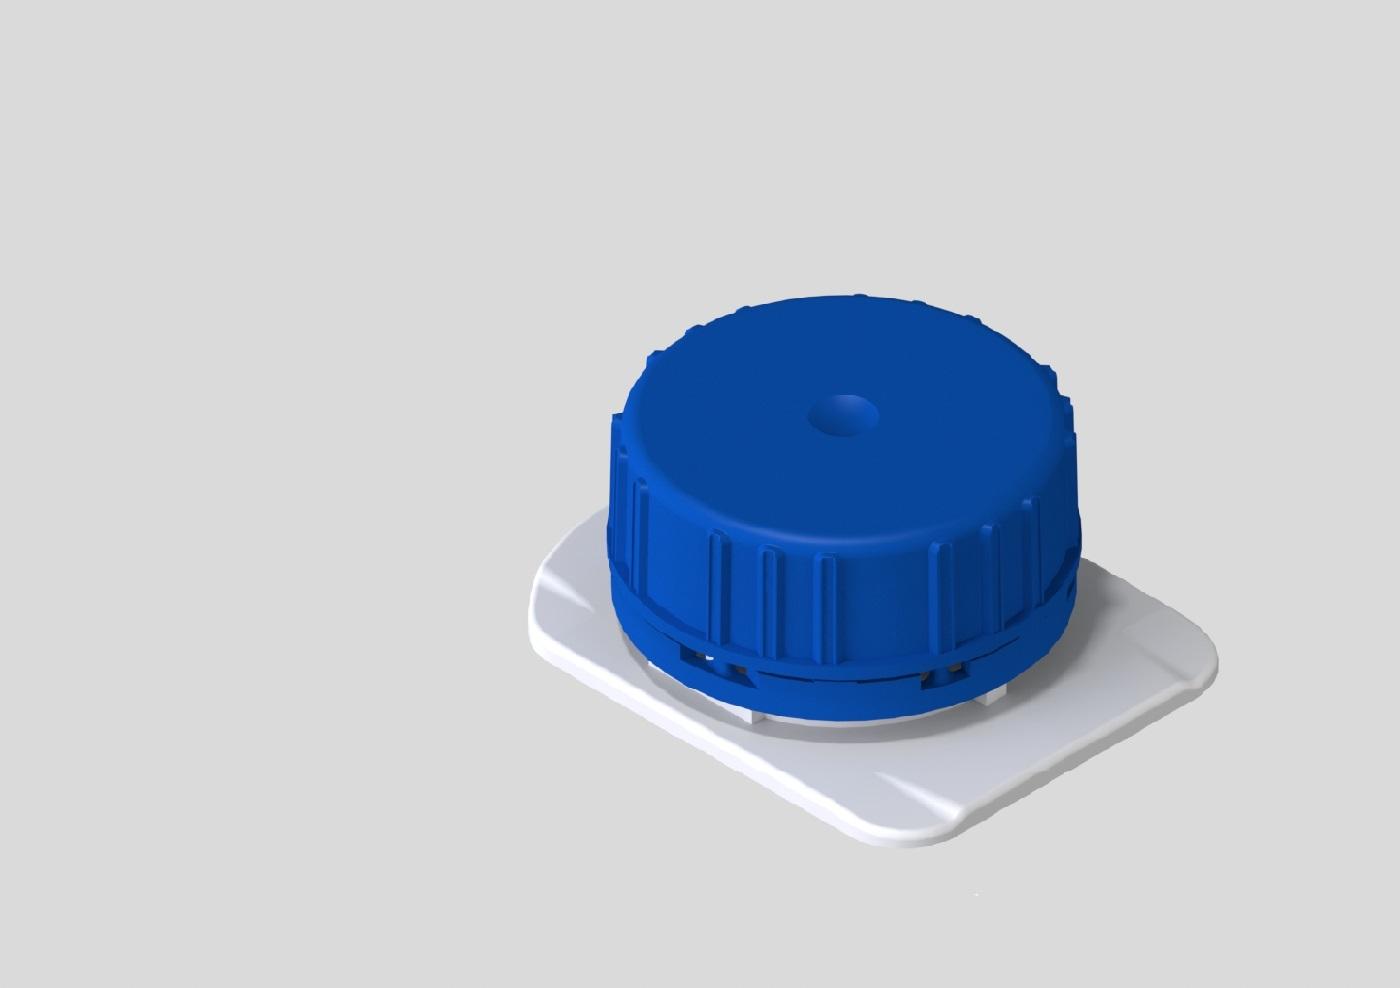 RoundCap 23 Aseptic cap